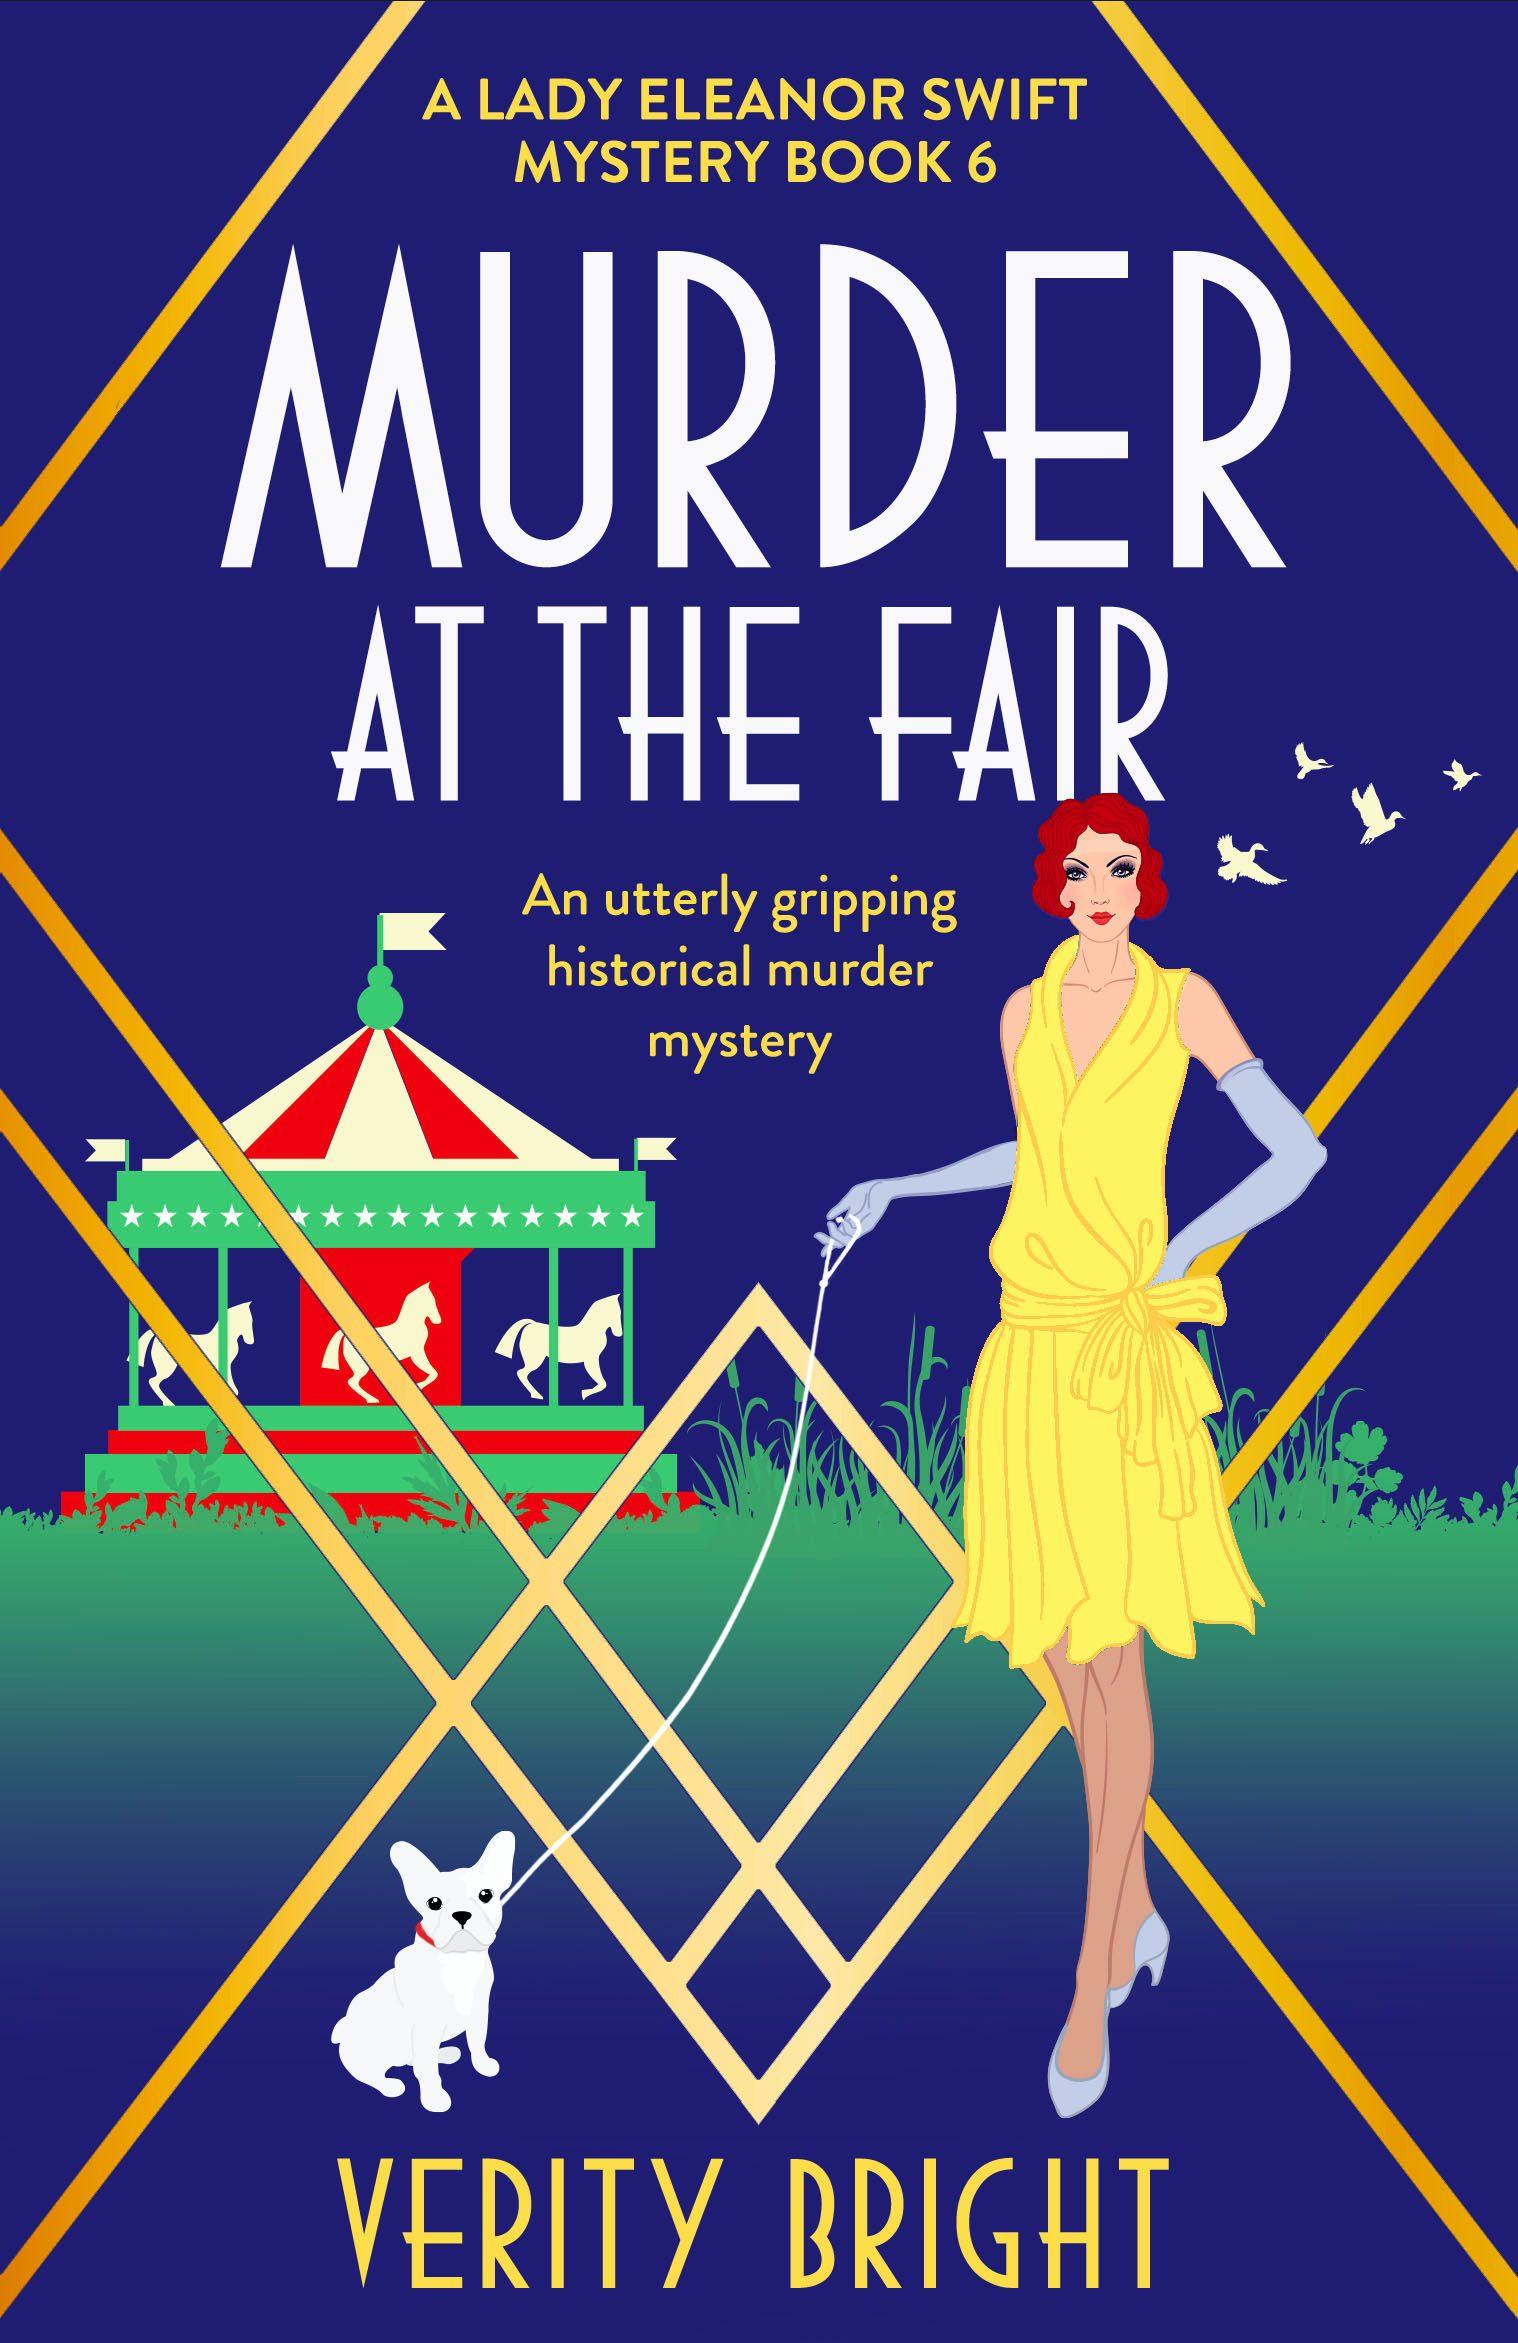 Murder at the Fair book cover